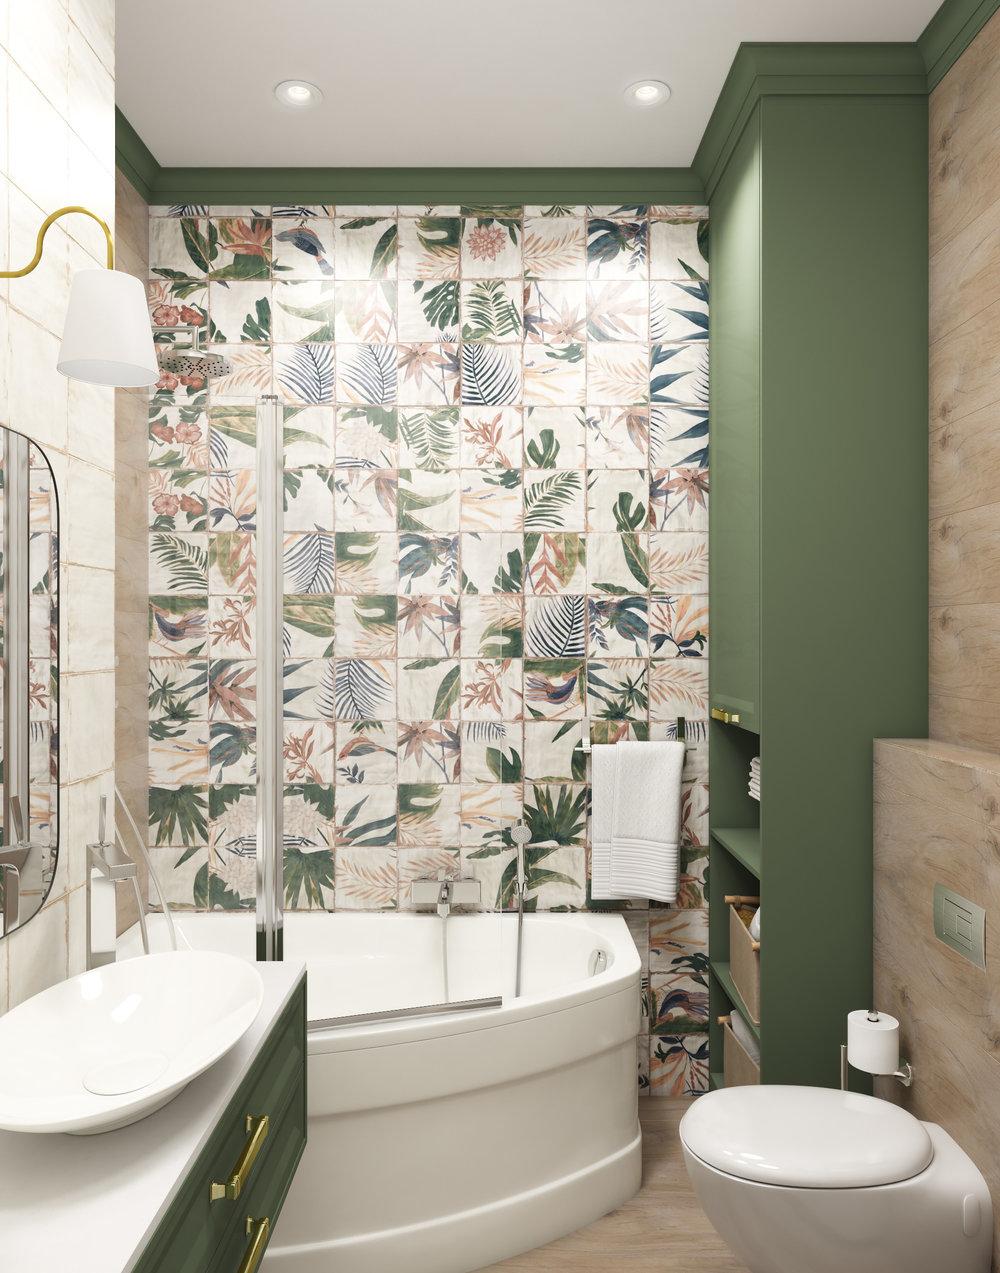 29_Детская ванная комната_вид 1.jpg